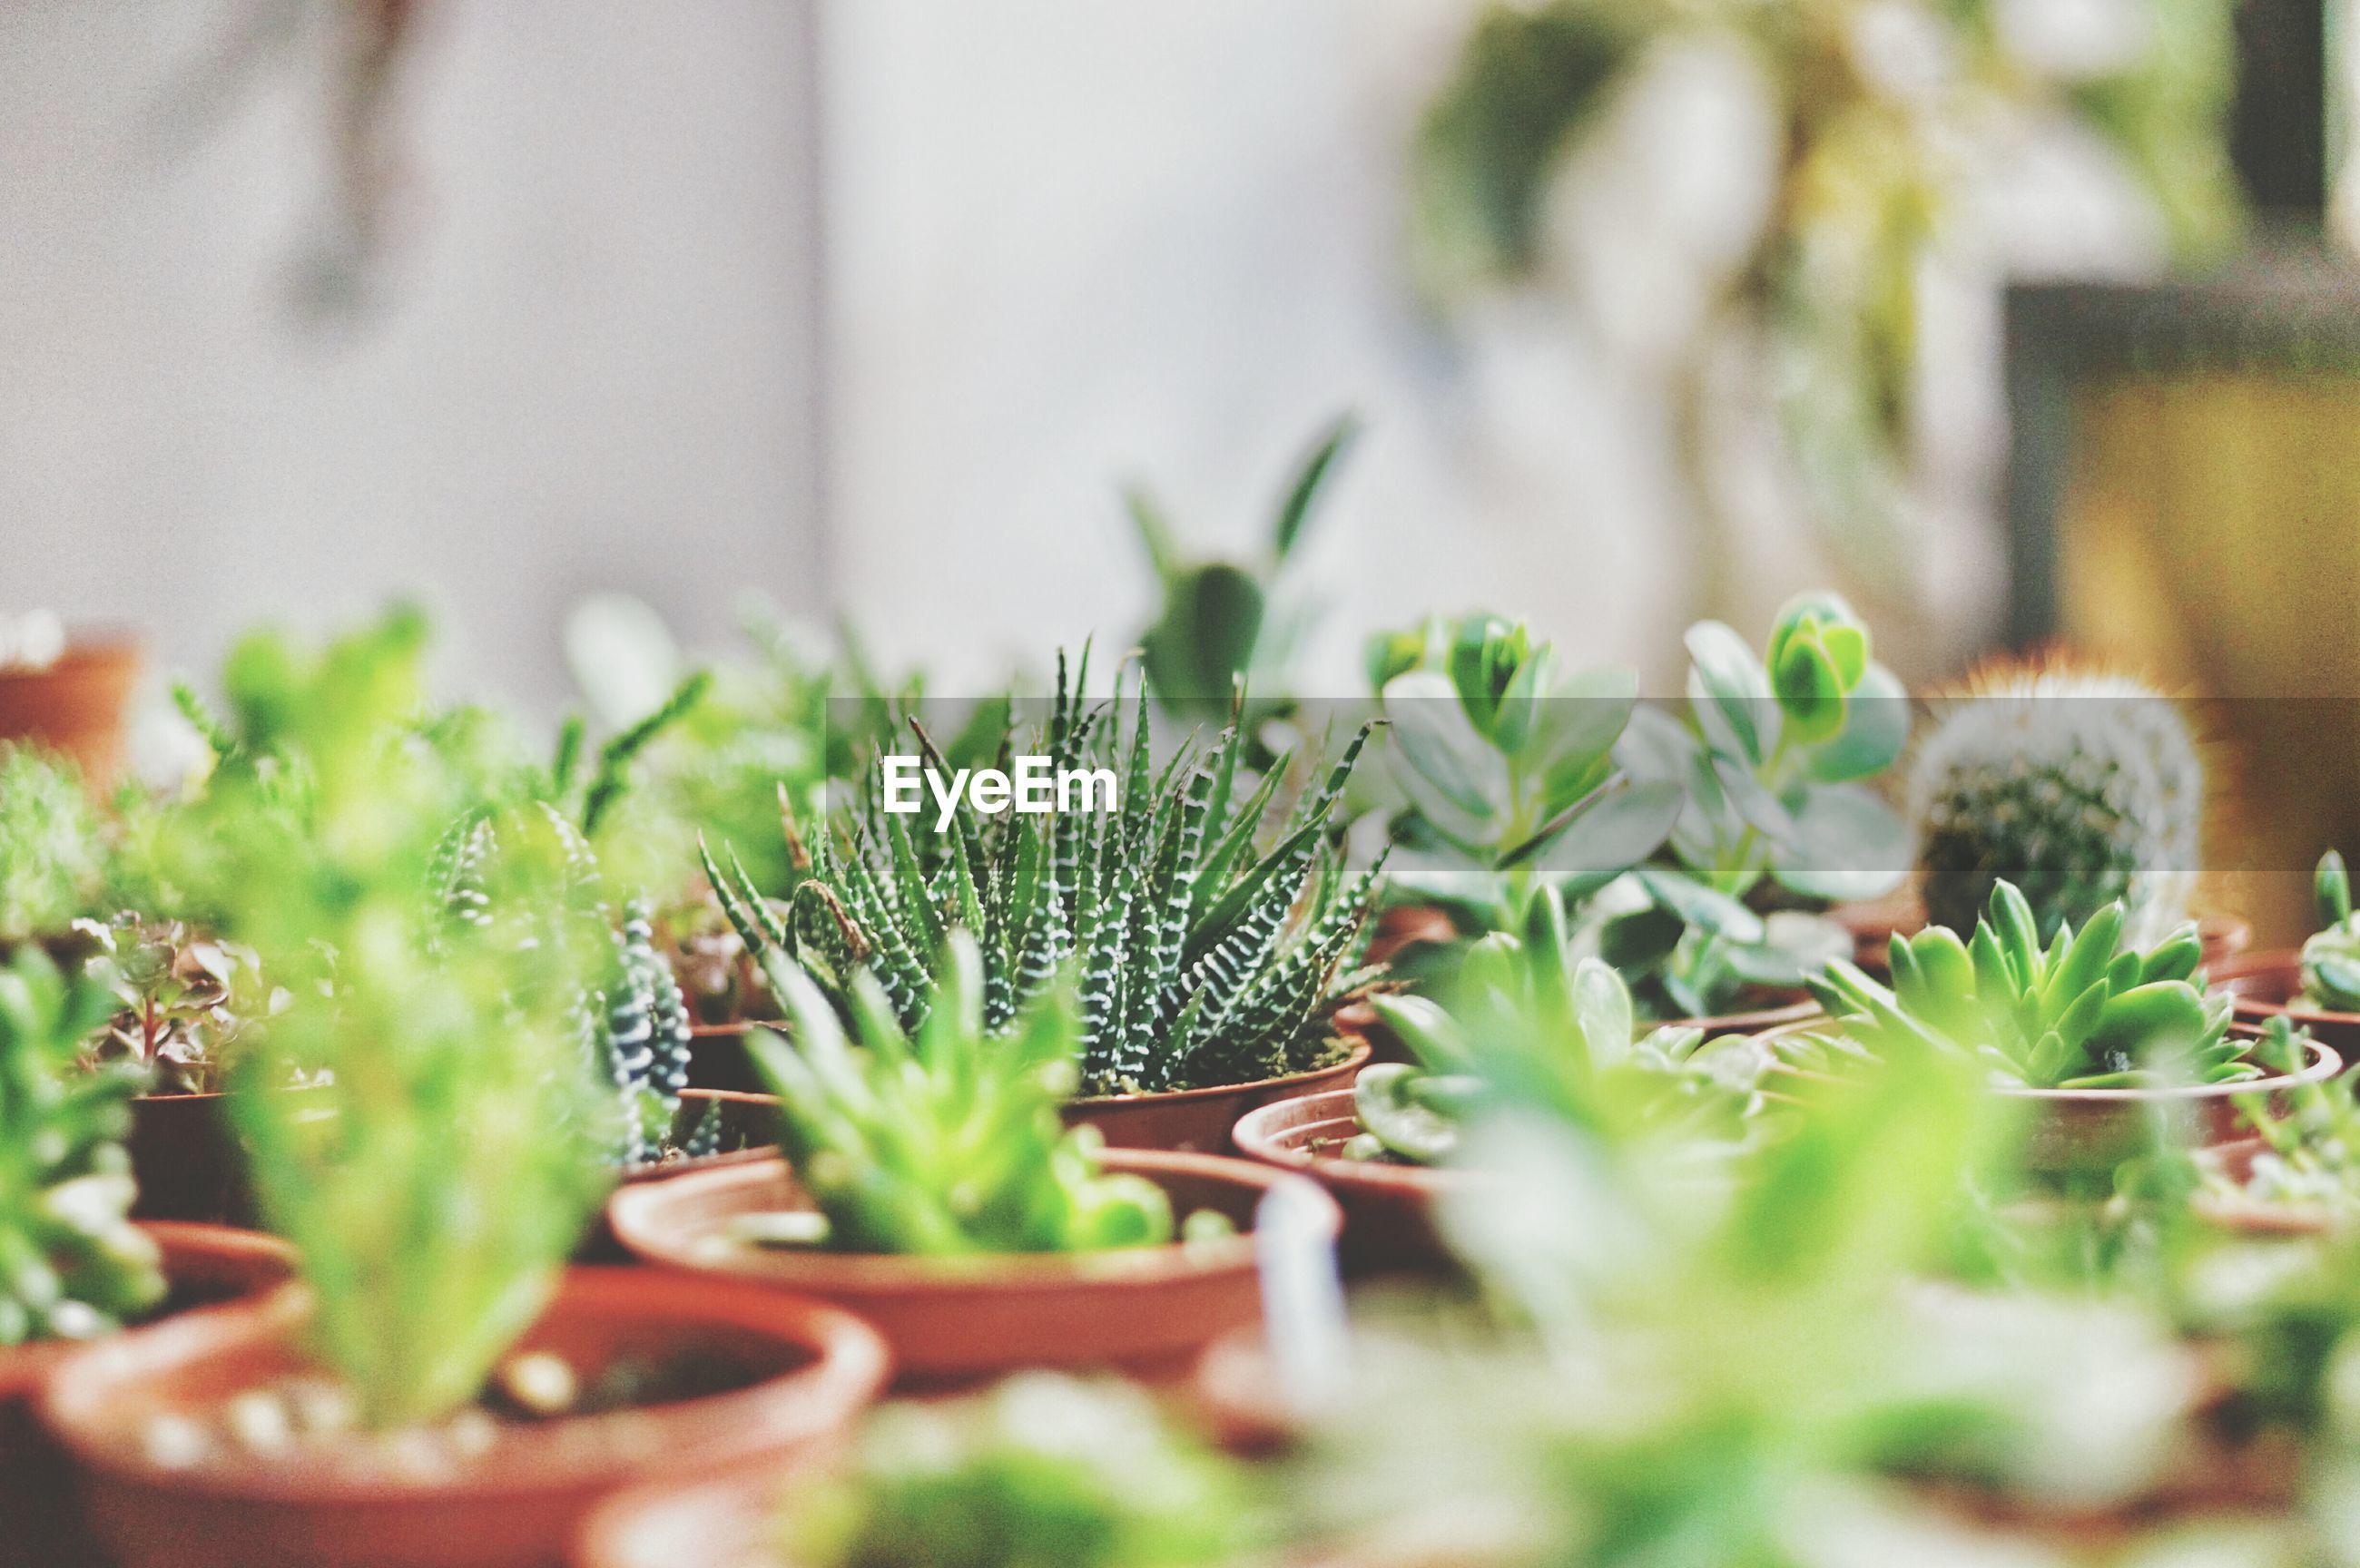 Close-up of pot plants